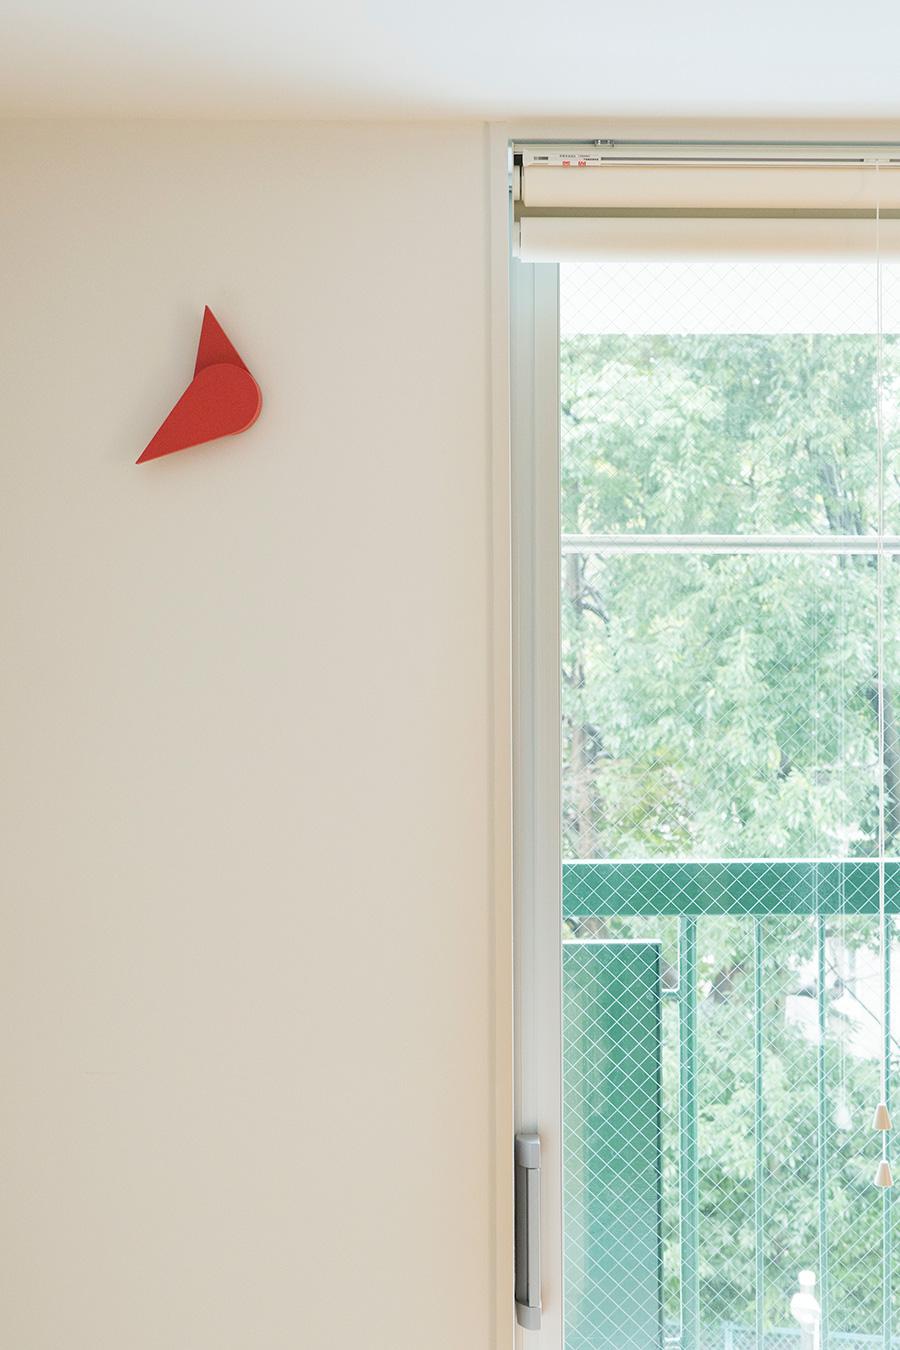 白い空間に窓の外の緑が鮮やかに映える。赤い物体は青山スパイラルで見つけた時計。